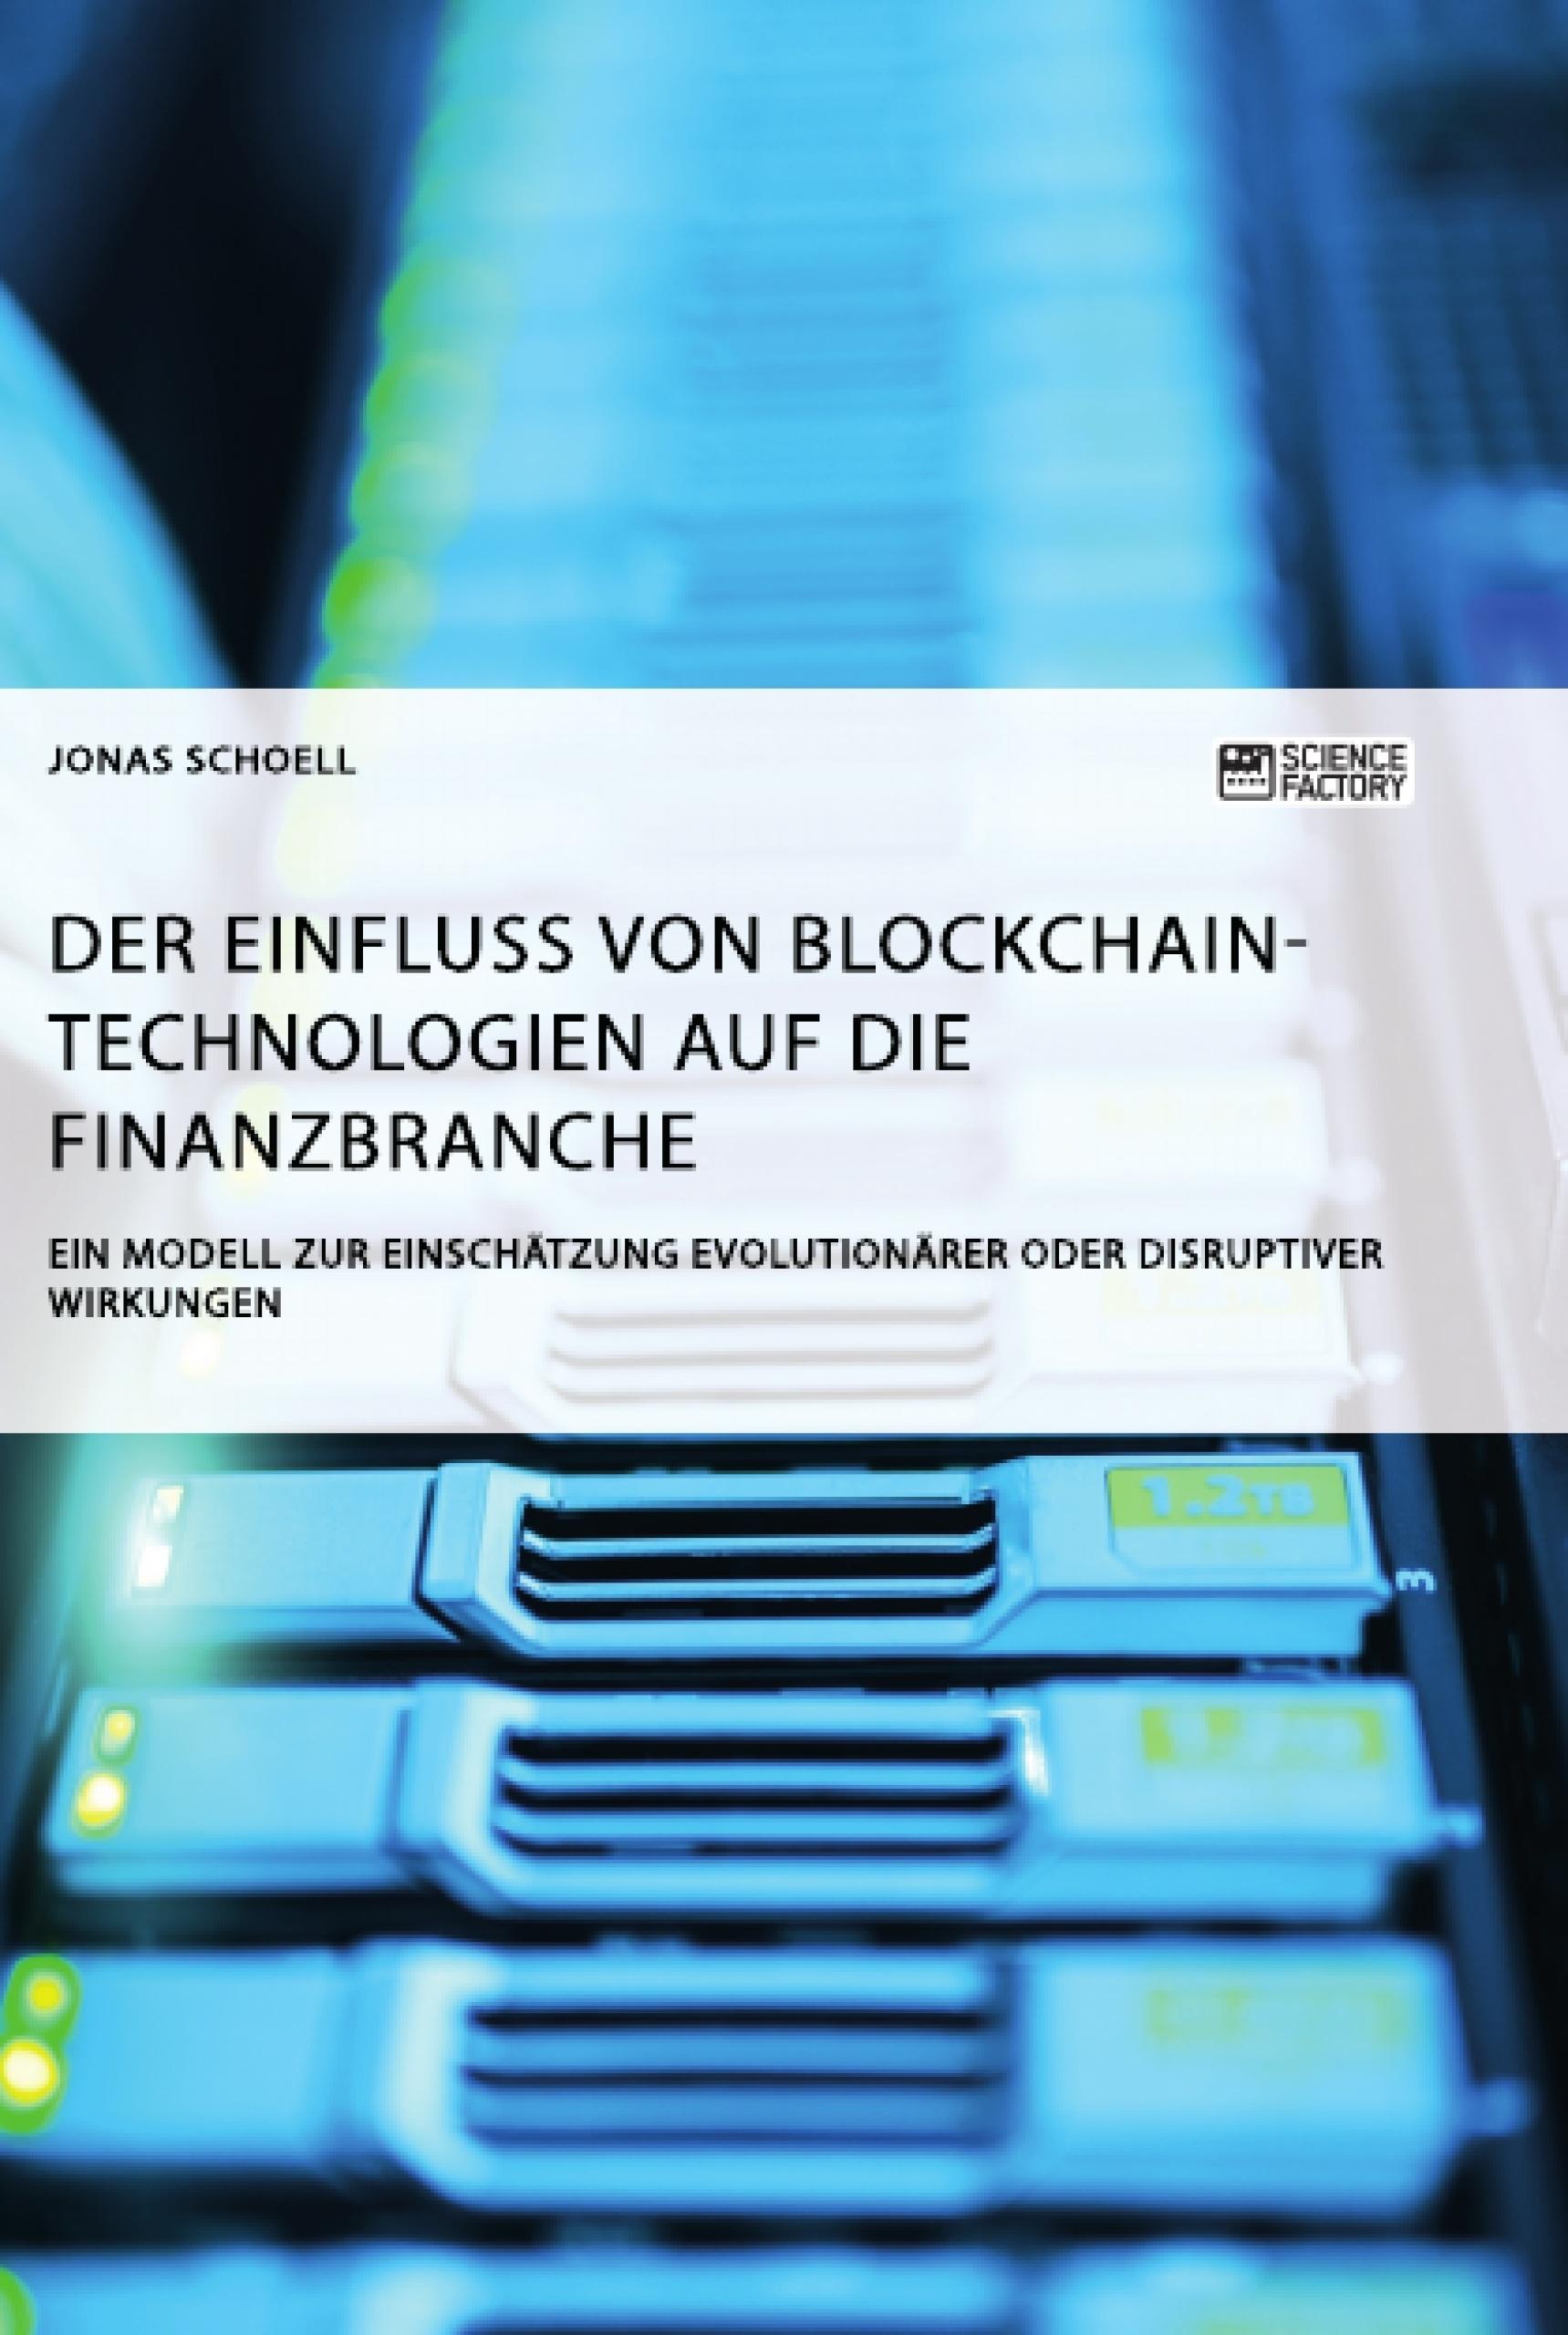 Titel: Der Einfluss von Blockchain-Technologien auf die Finanzbranche. Ein Modell zur Einschätzung evolutionärer oder disruptiver Wirkungen